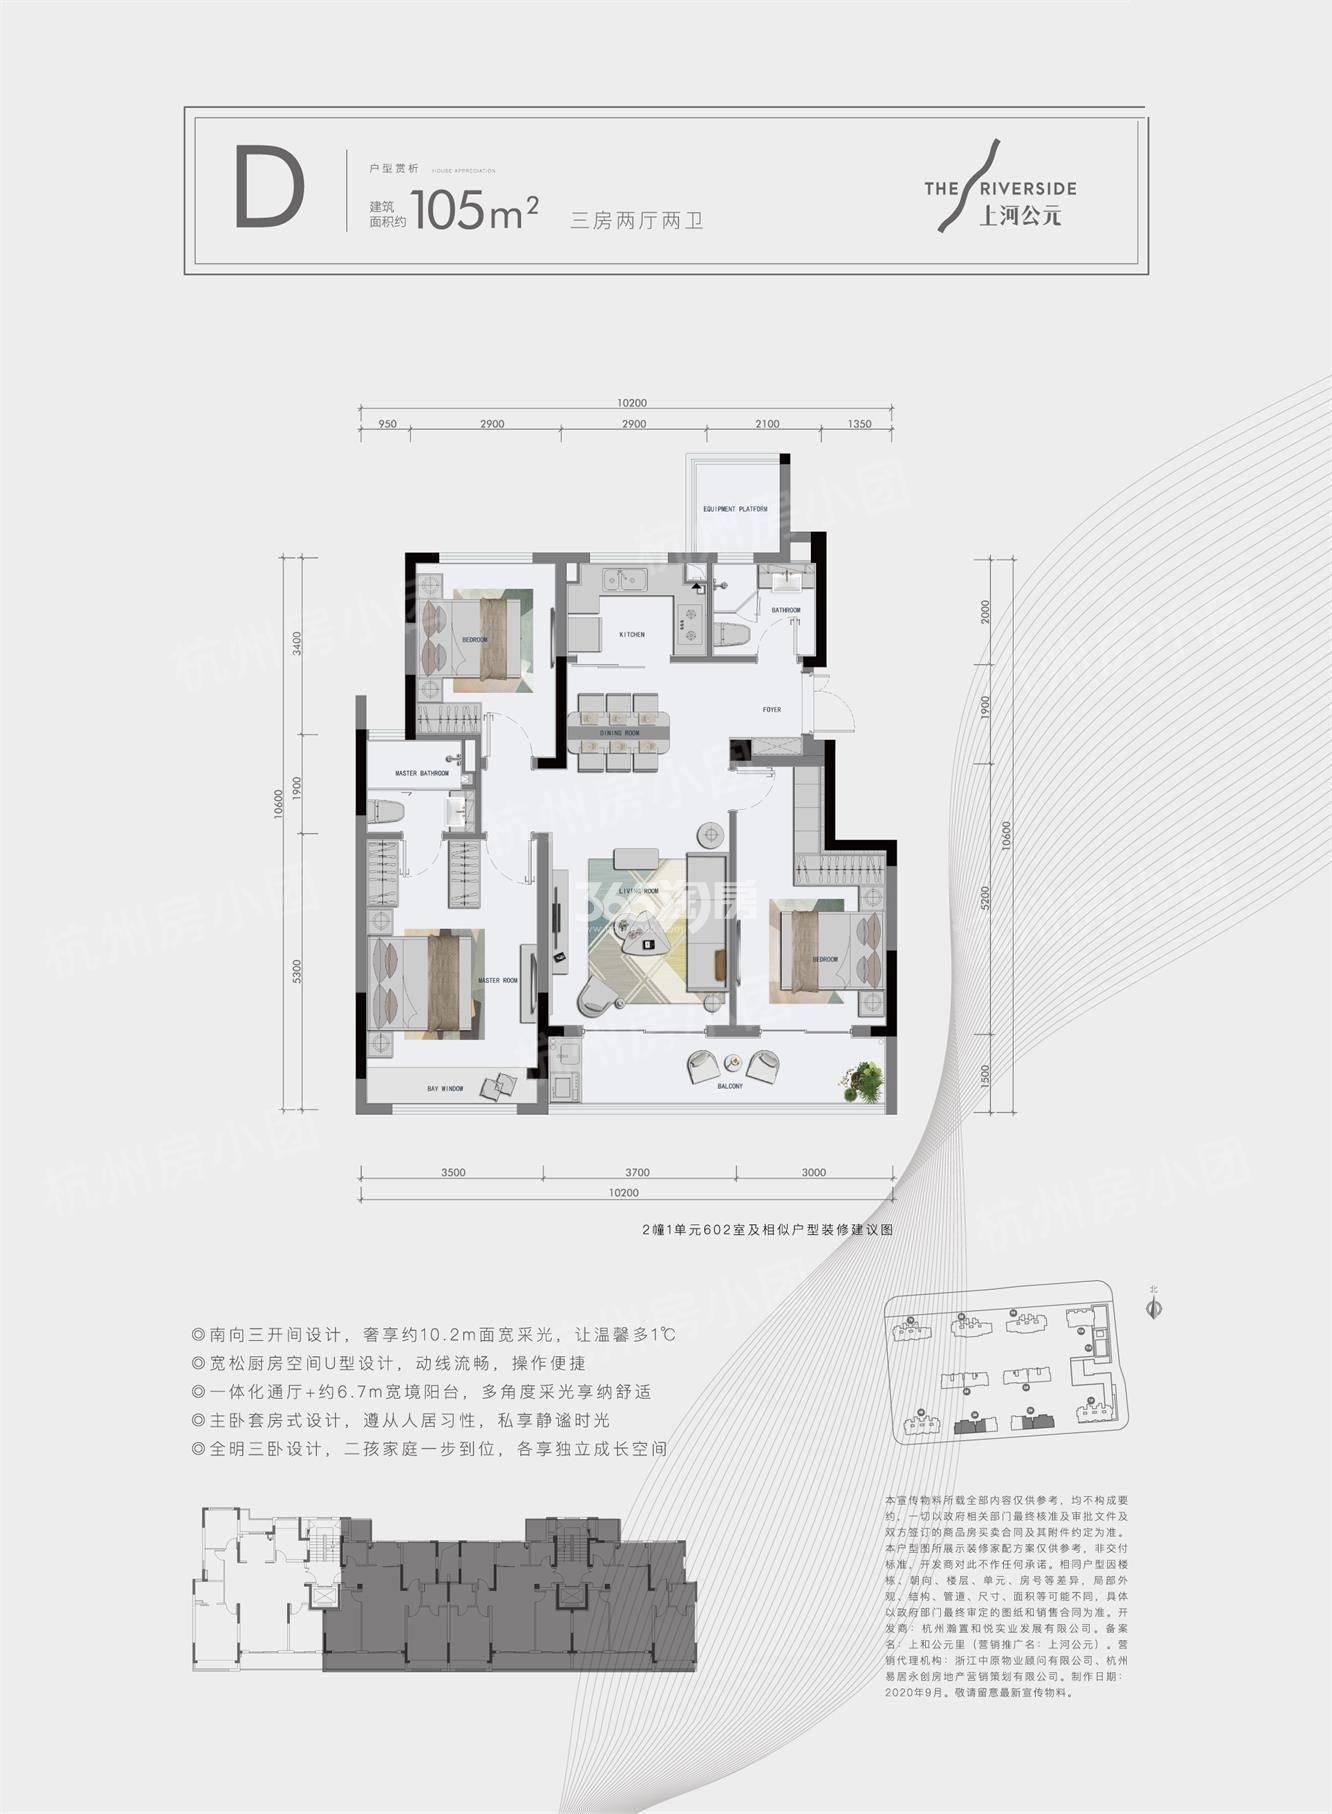 香港置地上河公元D户型约105㎡(2、3#)